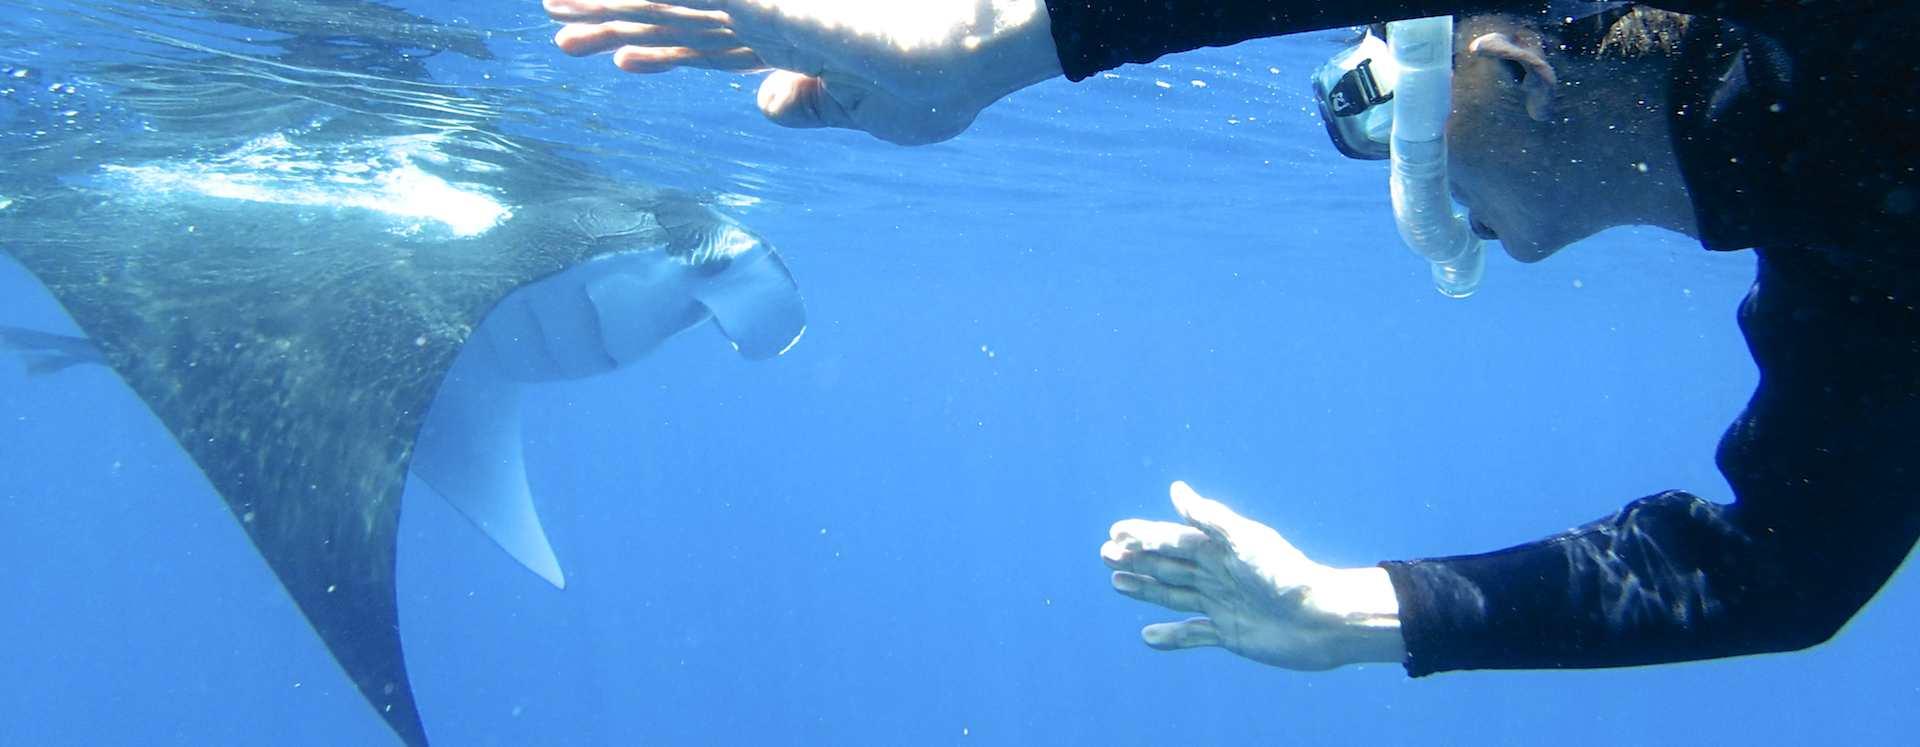 水面でプランクトンを補食するマンタを見るシュノーケラー